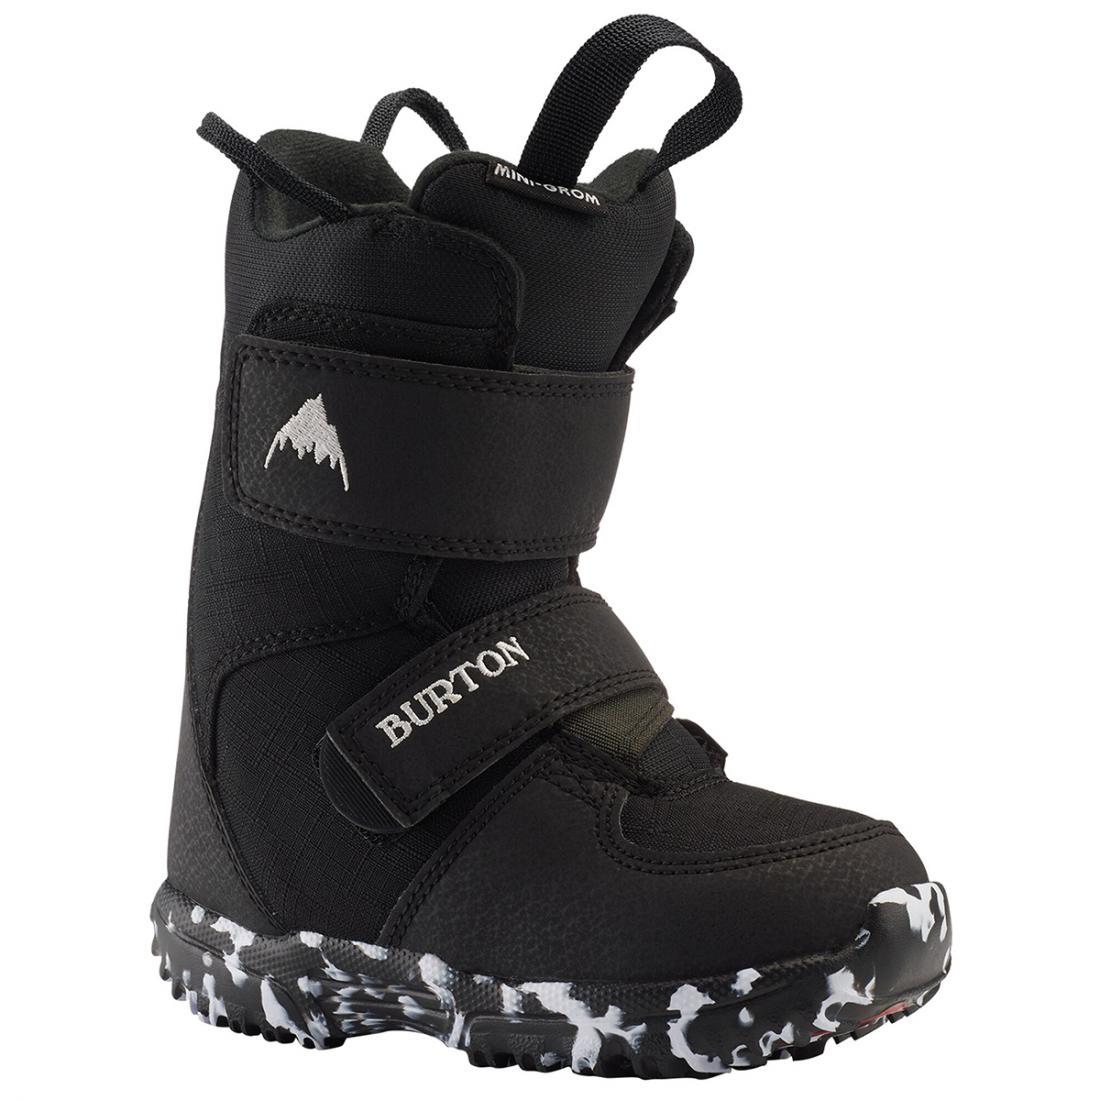 Ботинки сноубордические для детей MINI - GROM фото